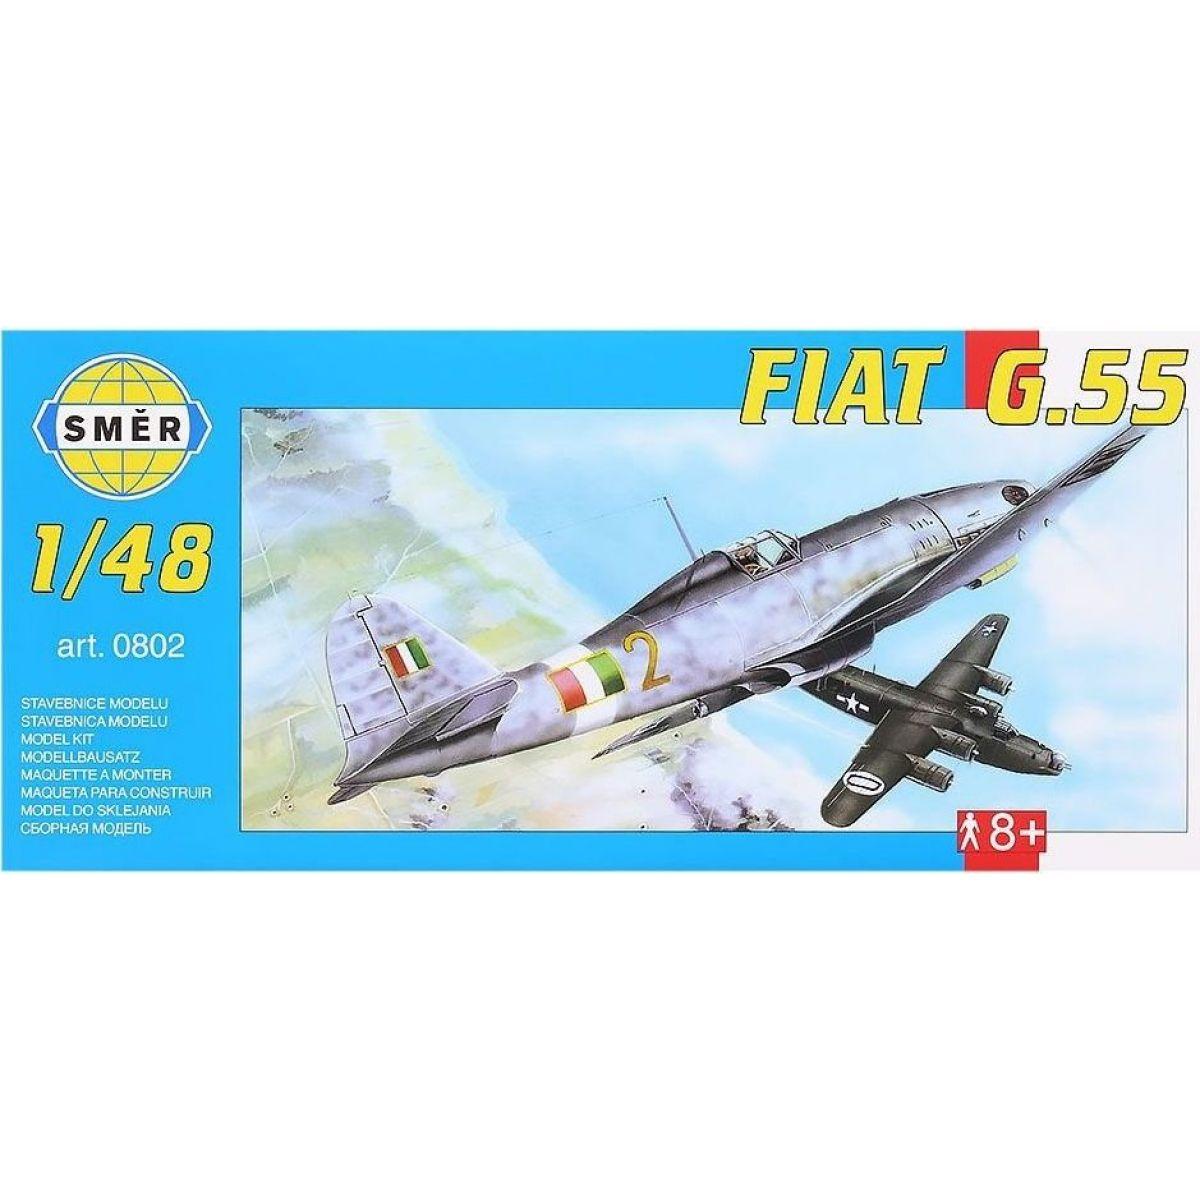 Fiat G.55 1:48